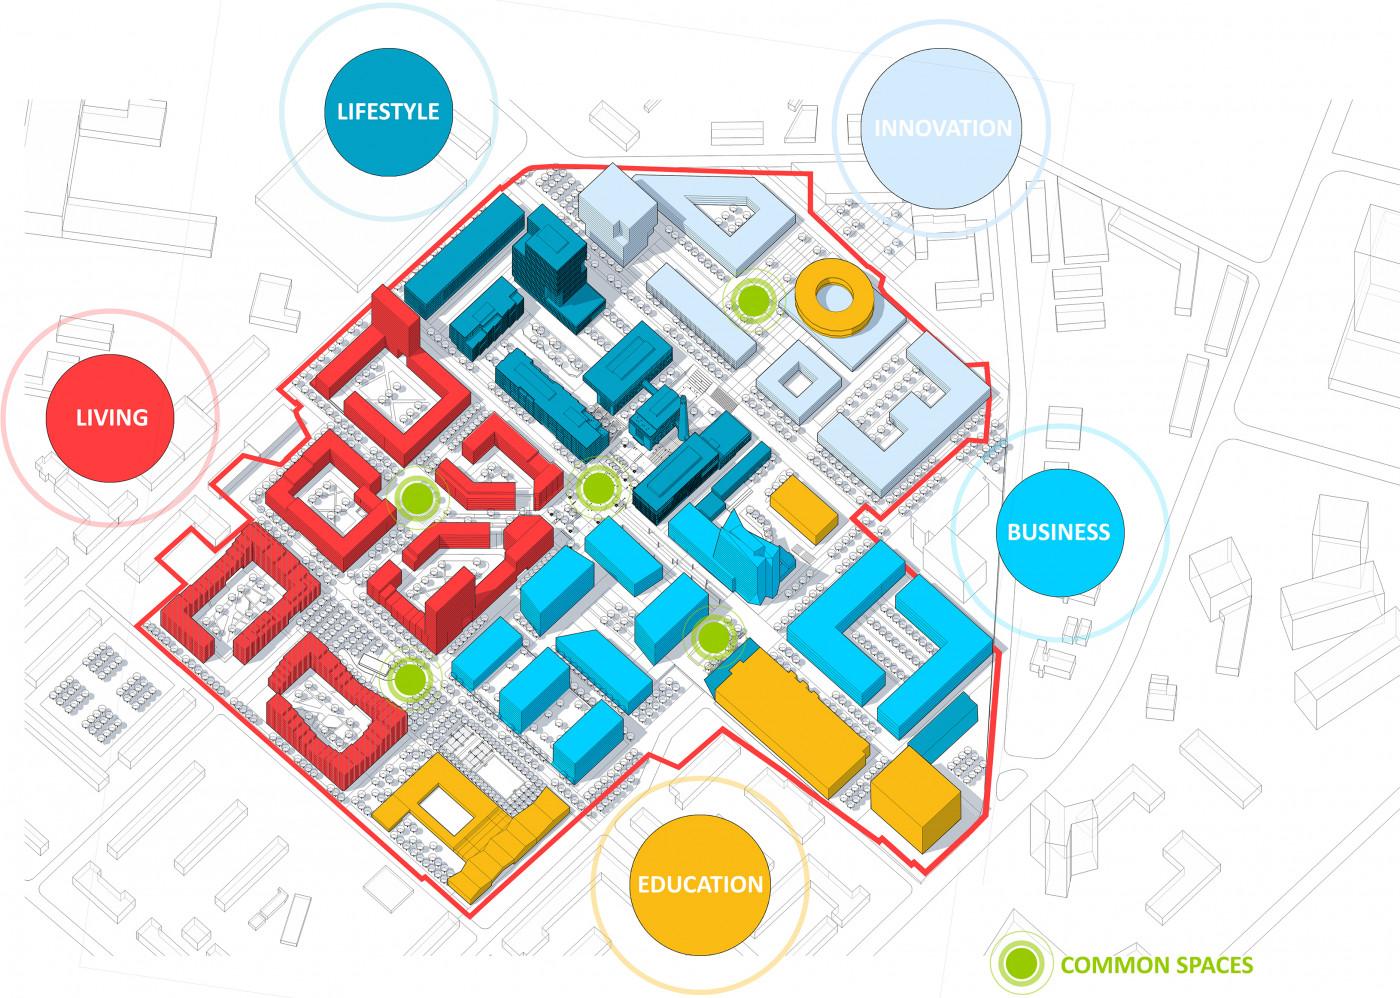 Містобудівна концепція 'APA Wojciechowski Architekci' / Бізнес-кампус 'UNIT.City'